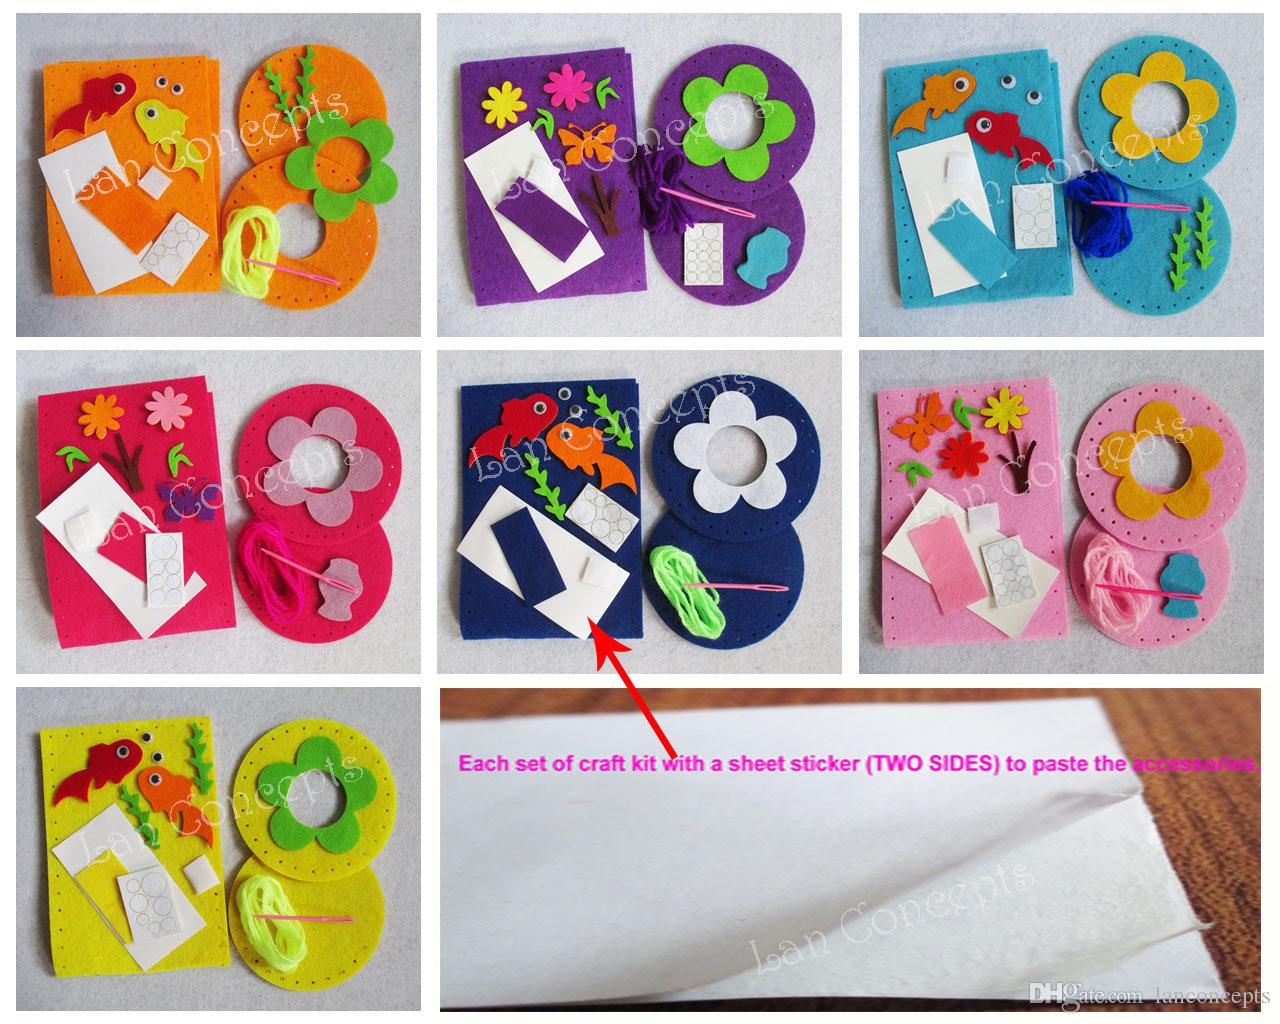 Craft kit for kids - Children Gift Diy Craft Kit Felt Tissue Toilet Paper Holder With Non Woven Sheets